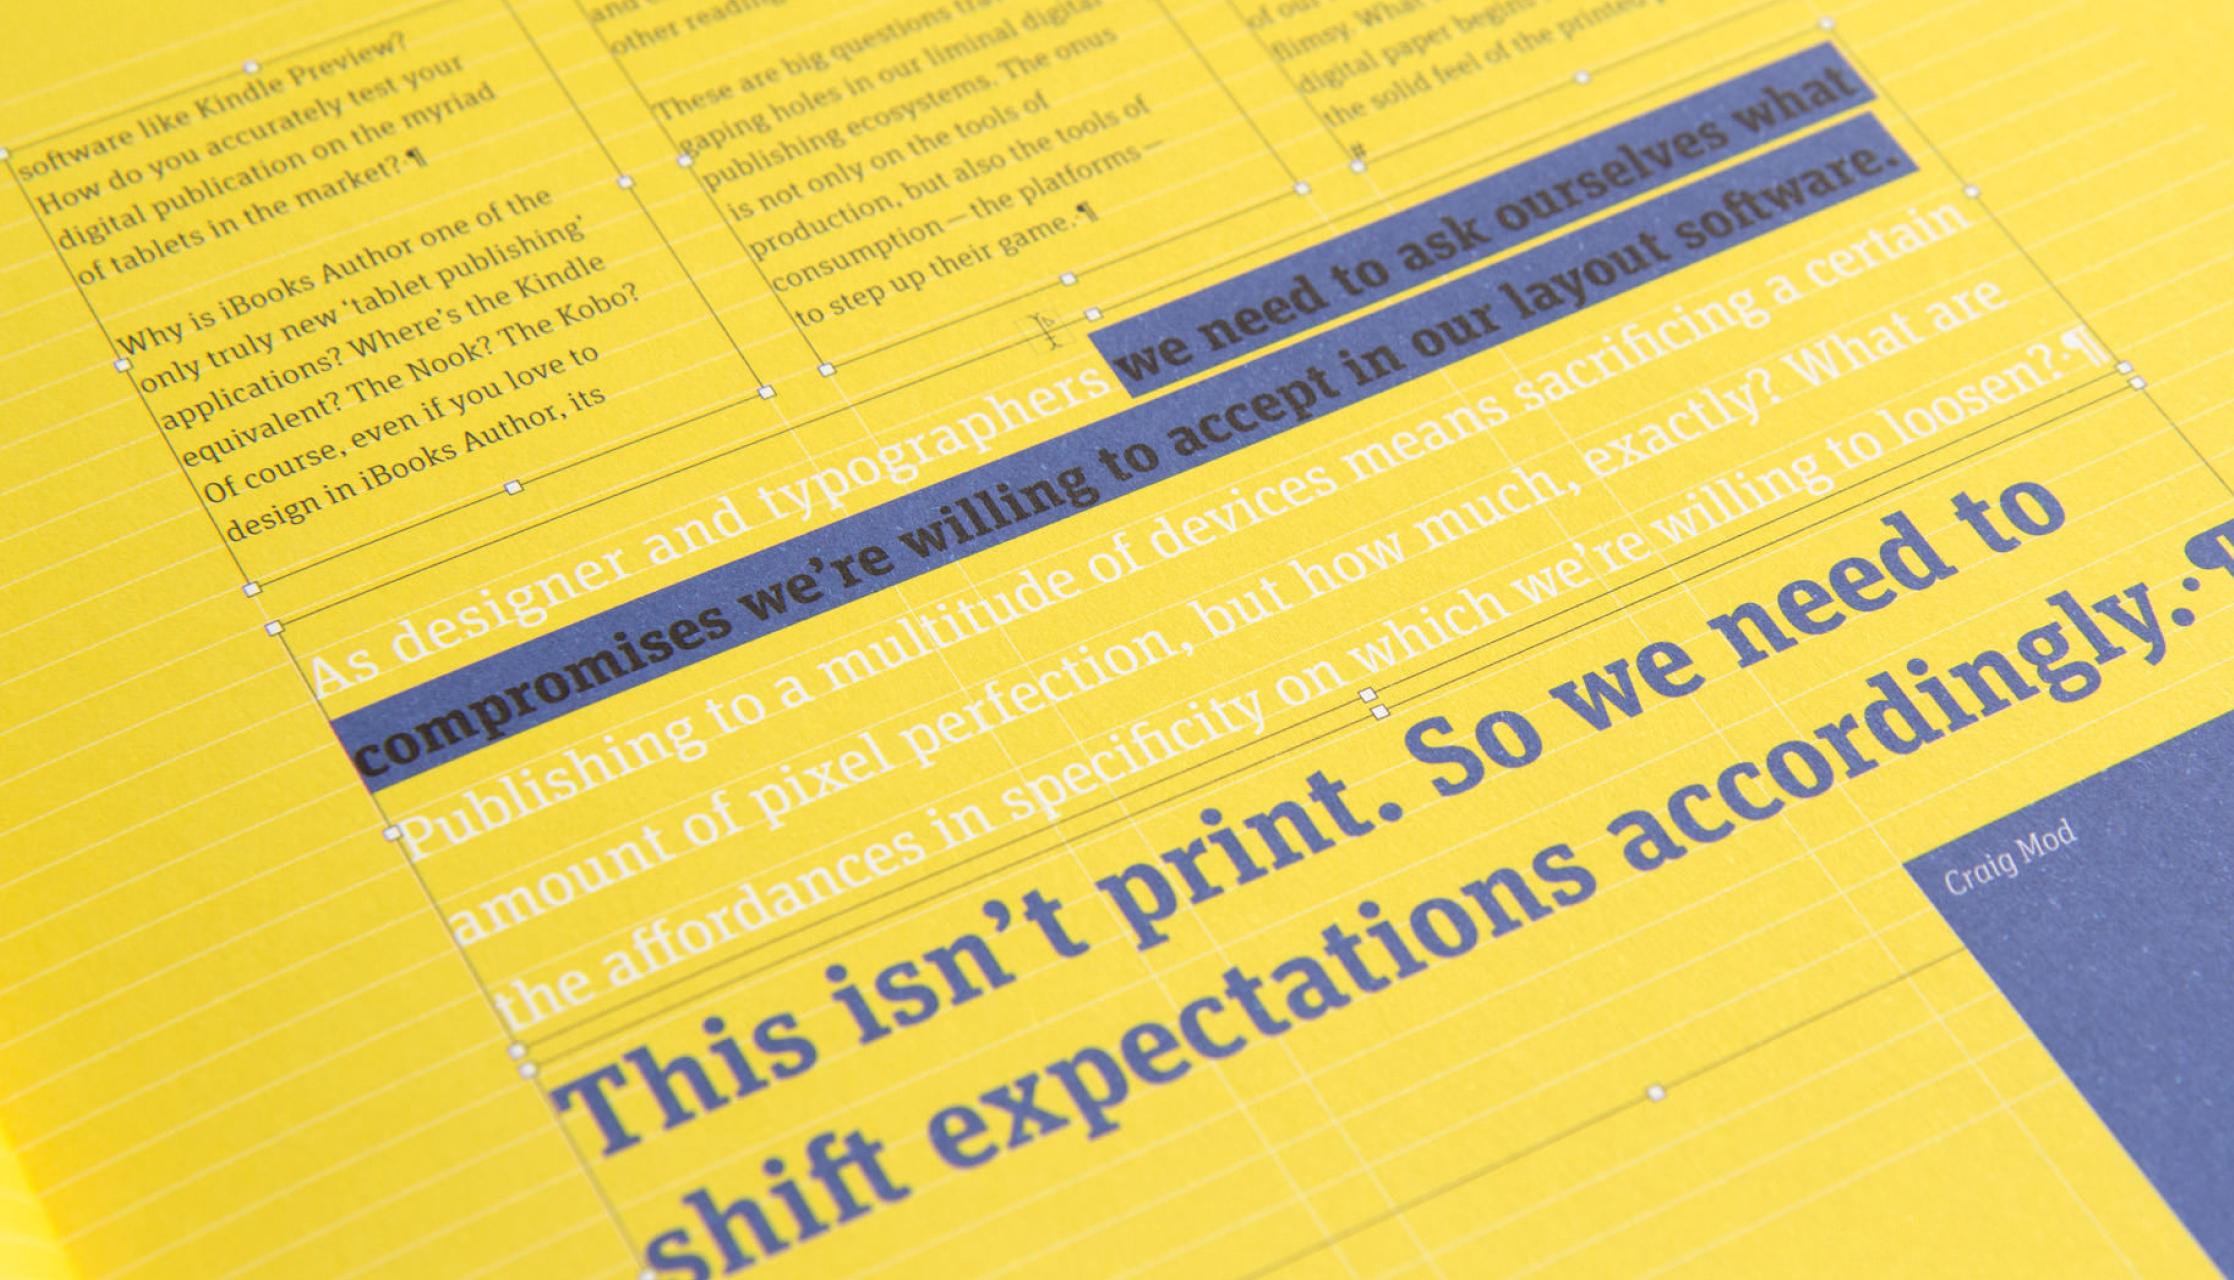 Typografische Details aus dem Magazin 8 Faces, welches von dem Studio für Kommunikationsdesign sons of ipanema in Köln gestaltet wurde.